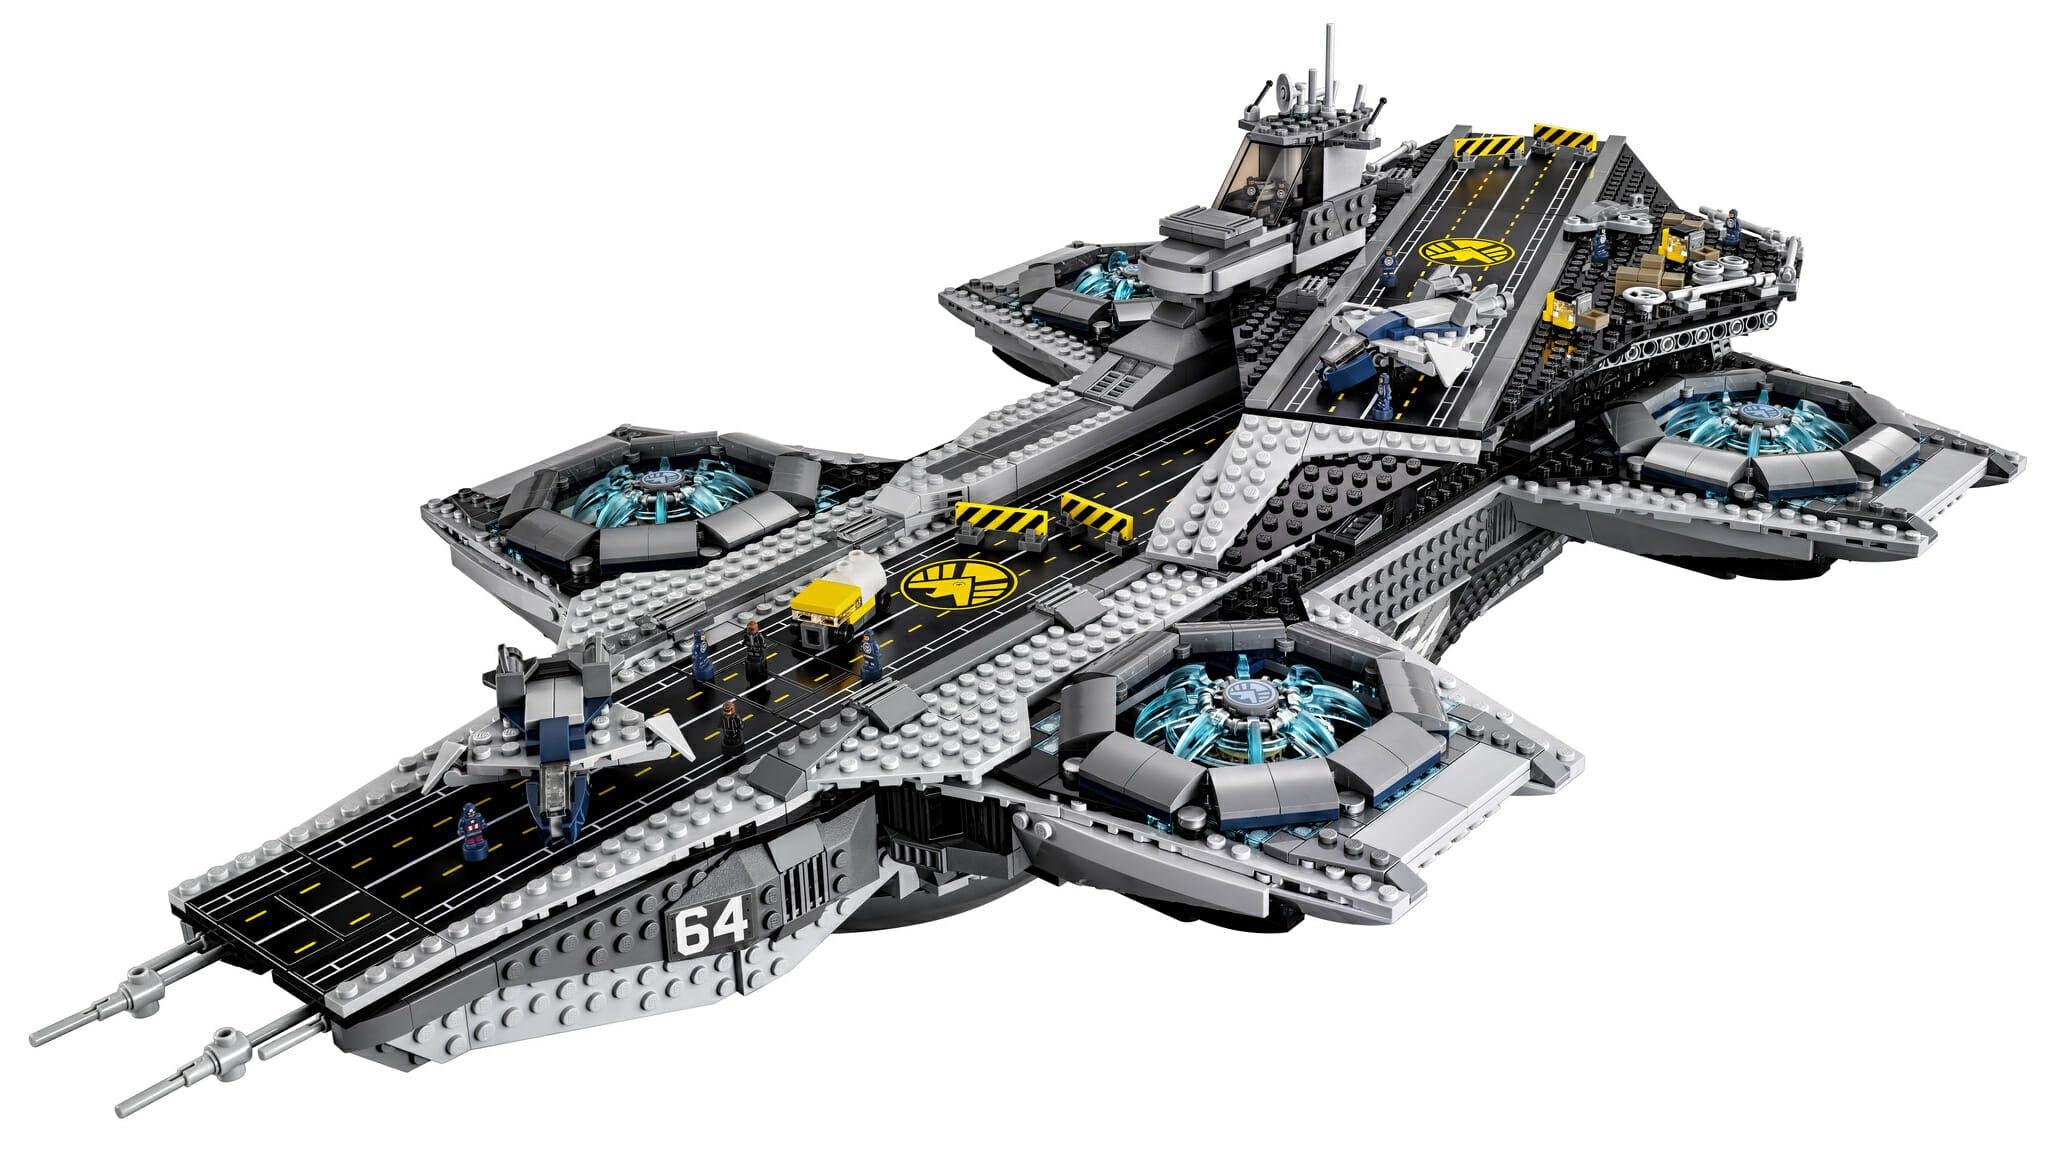 marvel lego sets : S.H.I.E.L.D. Helicarrier